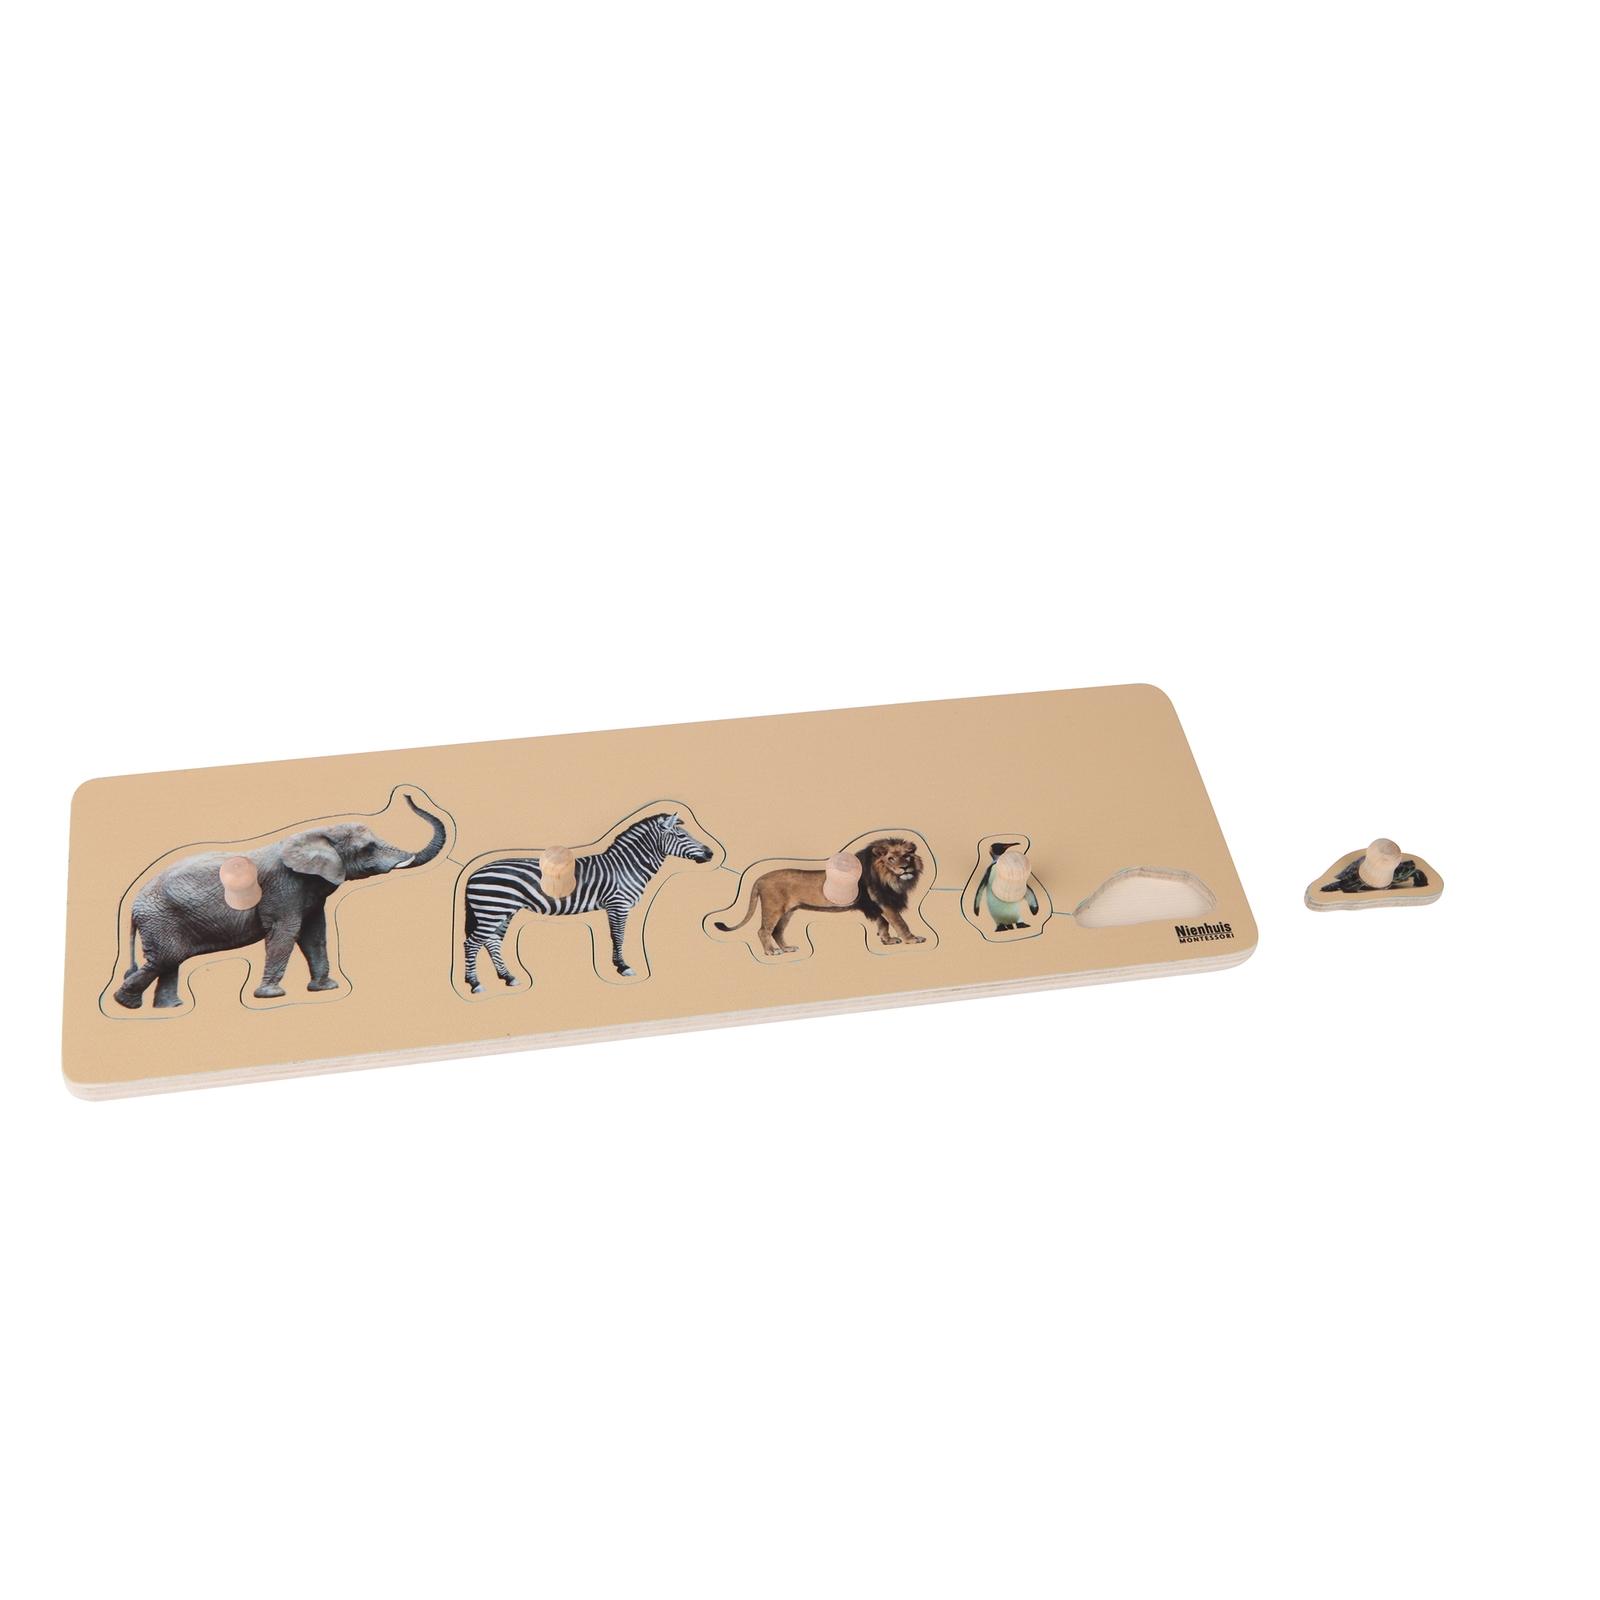 Toddler Puzzle: 5 Wild Animals